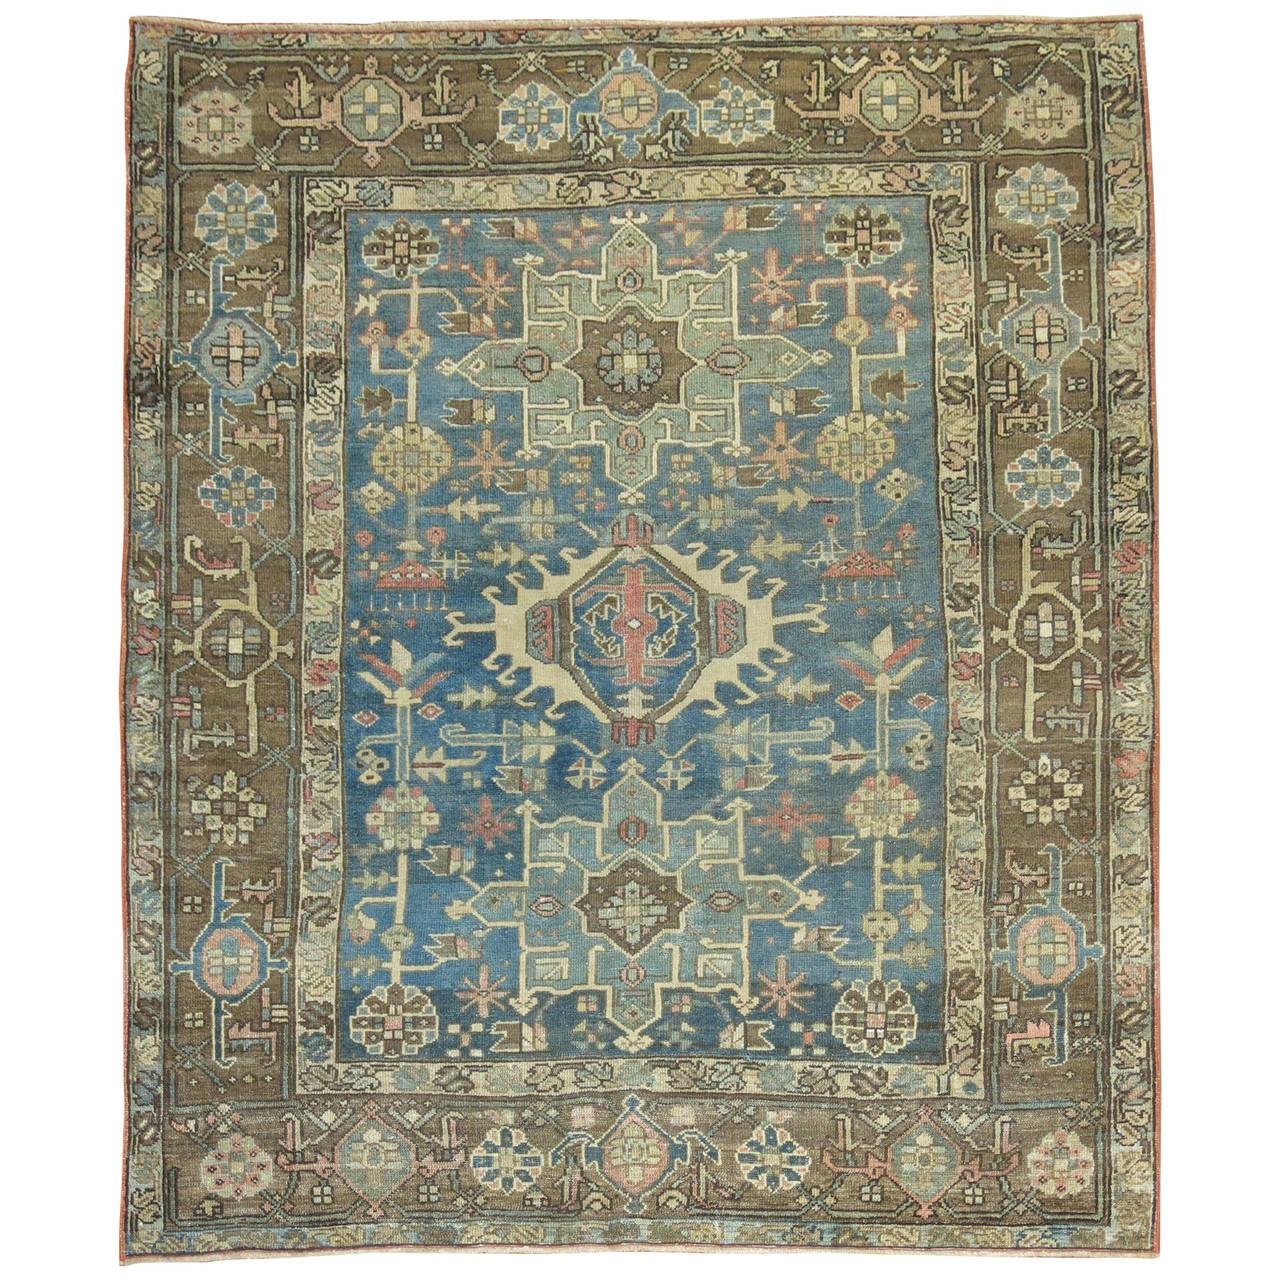 Persian Rugs For Sale: Blue Persian Heriz Karadja Rug At 1stdibs